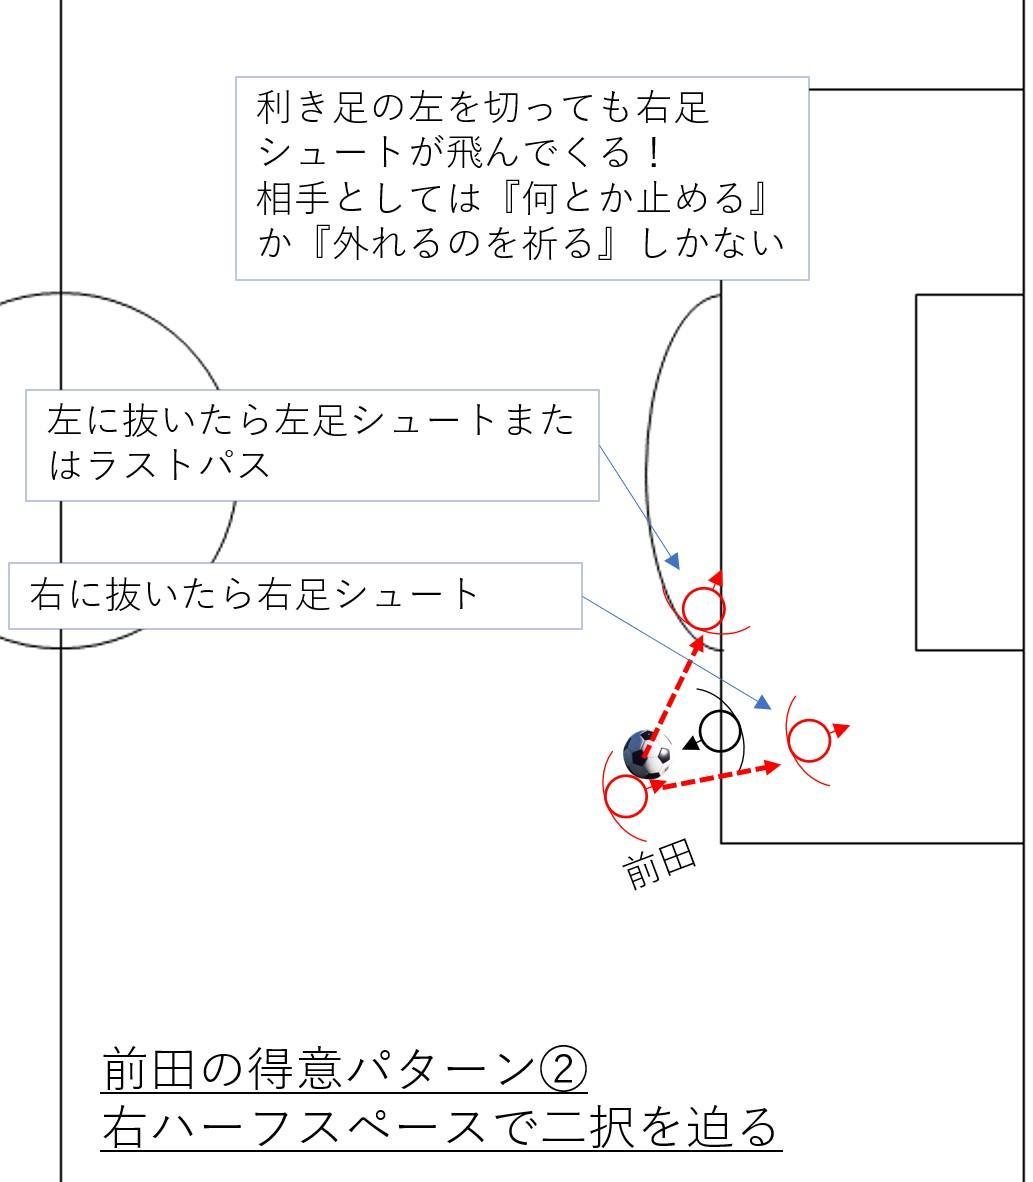 前田直輝の得意パターン(2)右ハーフスペースで二択を迫る